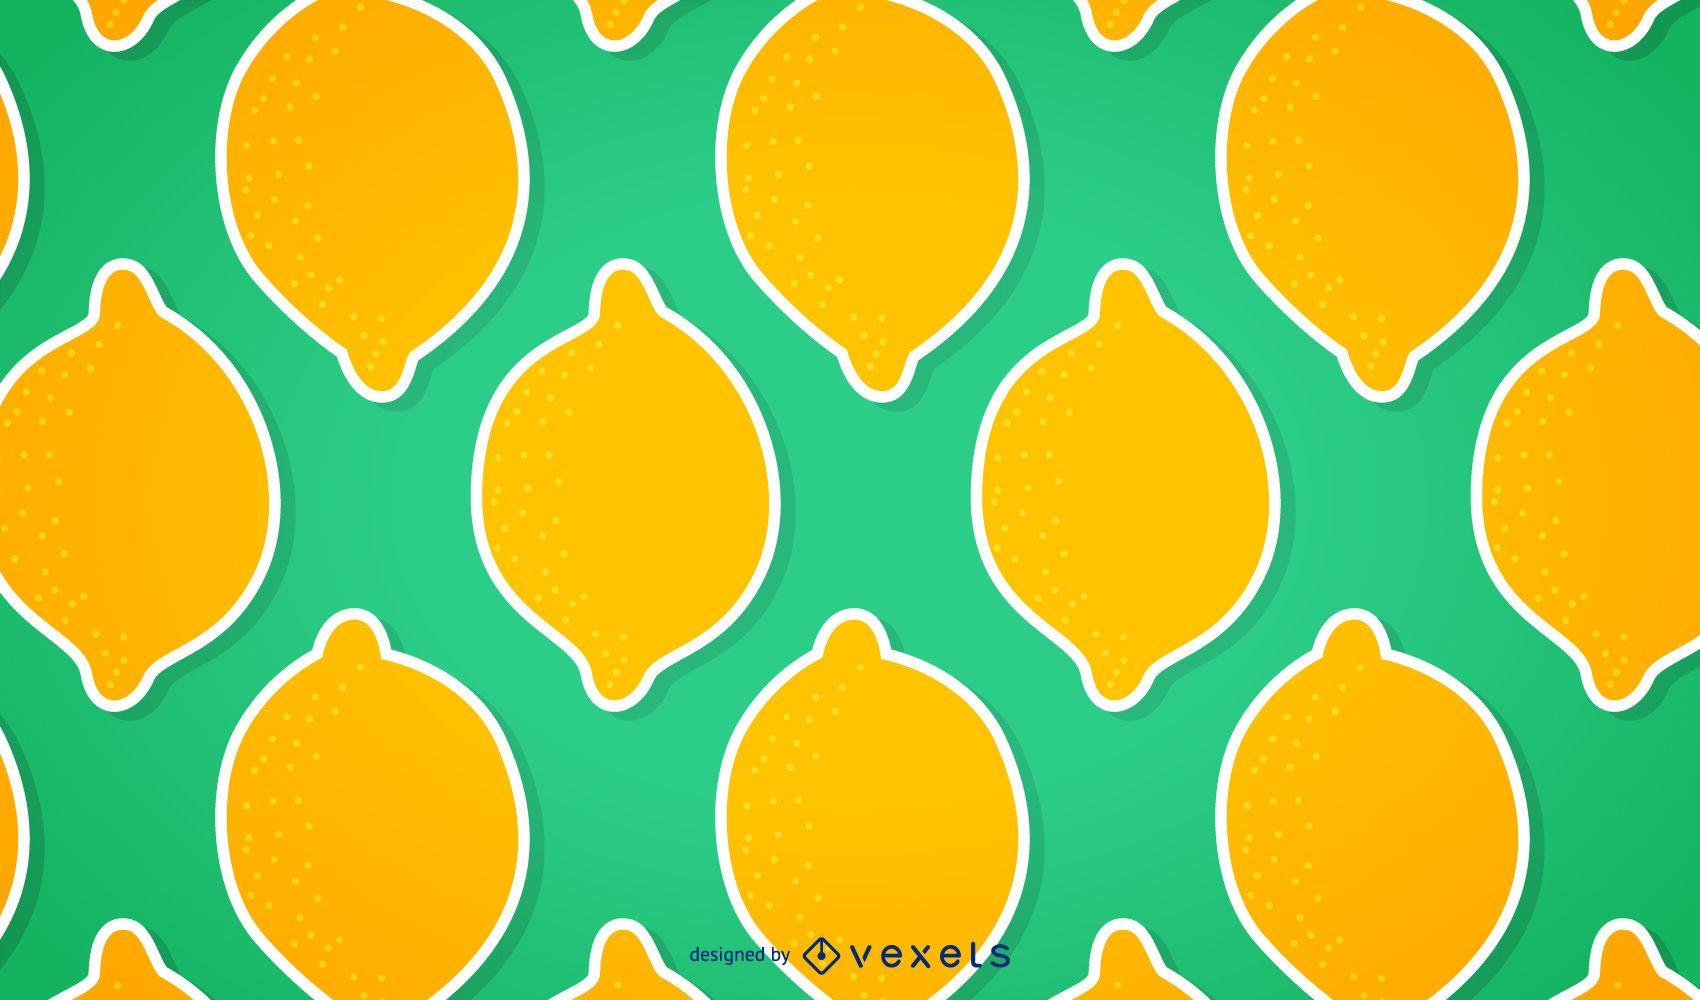 Patrón de limón transparente